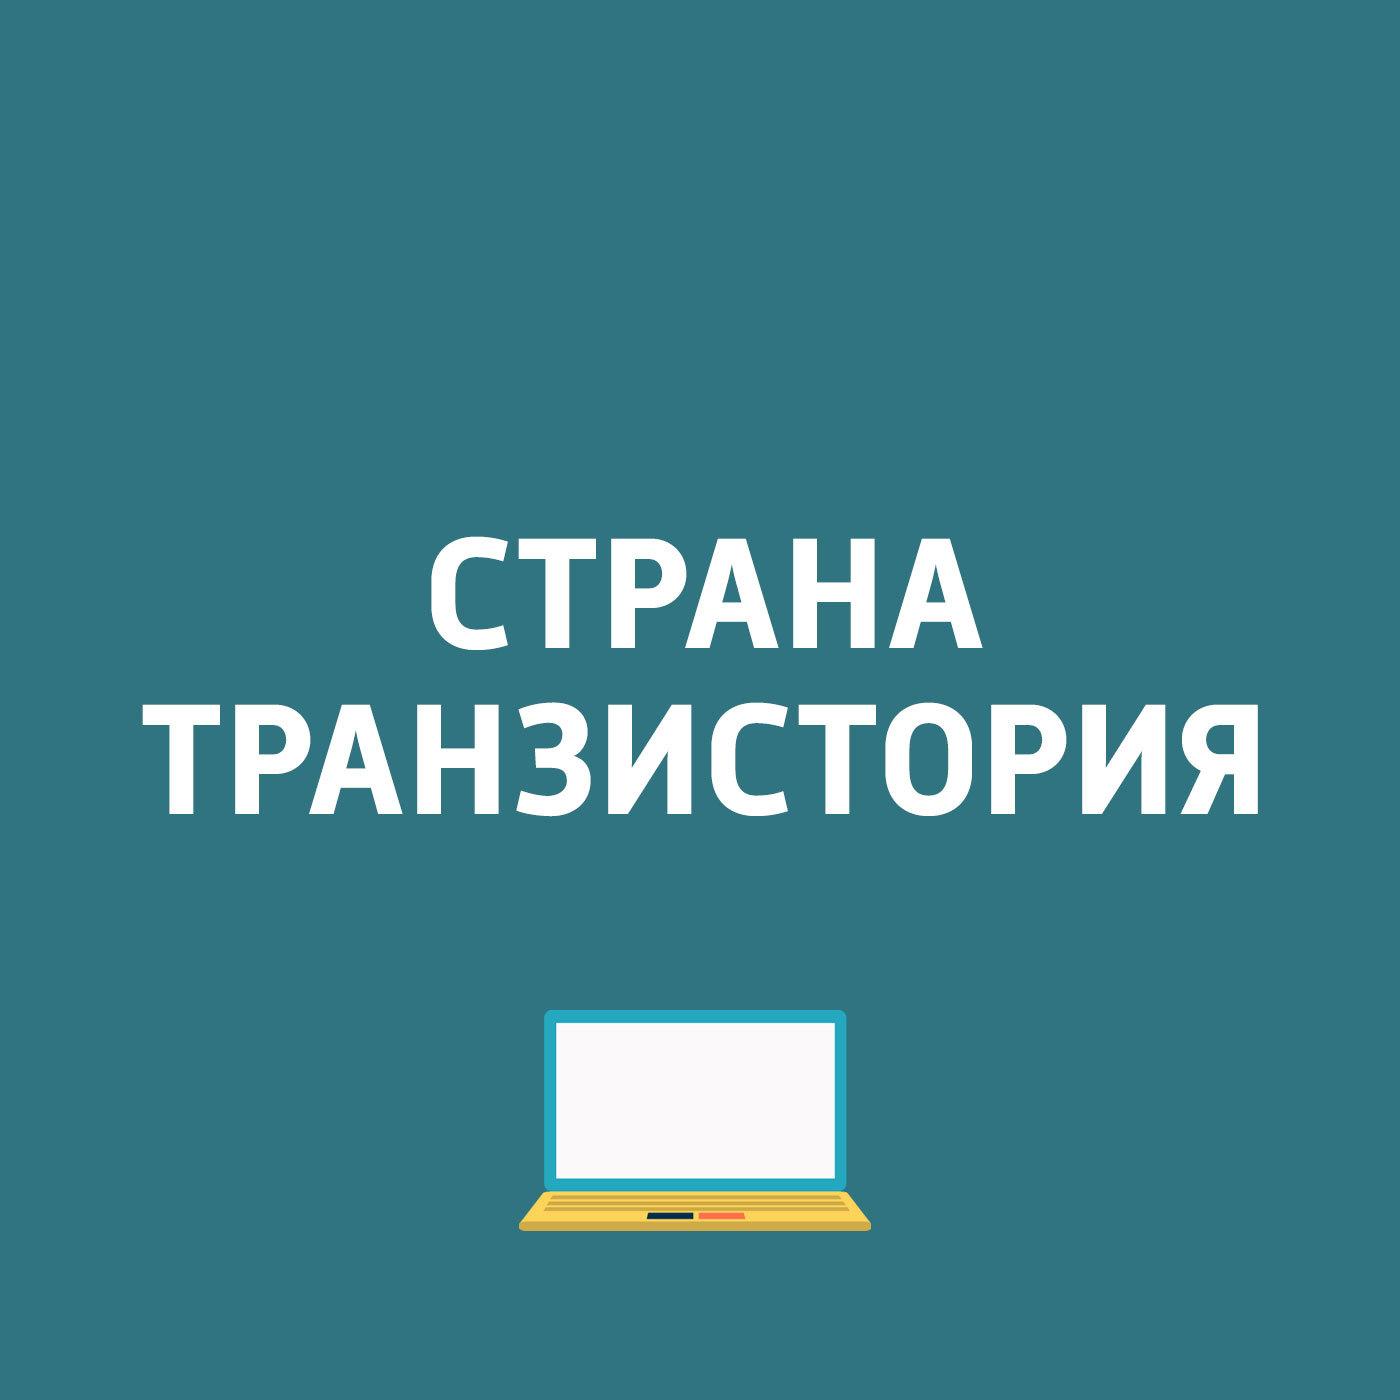 Картаев Павел Компания Meizu начала продажи в России смарт-часов Meizu Mix; Скоро заработает Android Pay картаев павел meizu 16 и 16 plus новая система пошлин при покупках в зарубежных интернет магазинах в яндекс драйв появятся машины бизнес класса